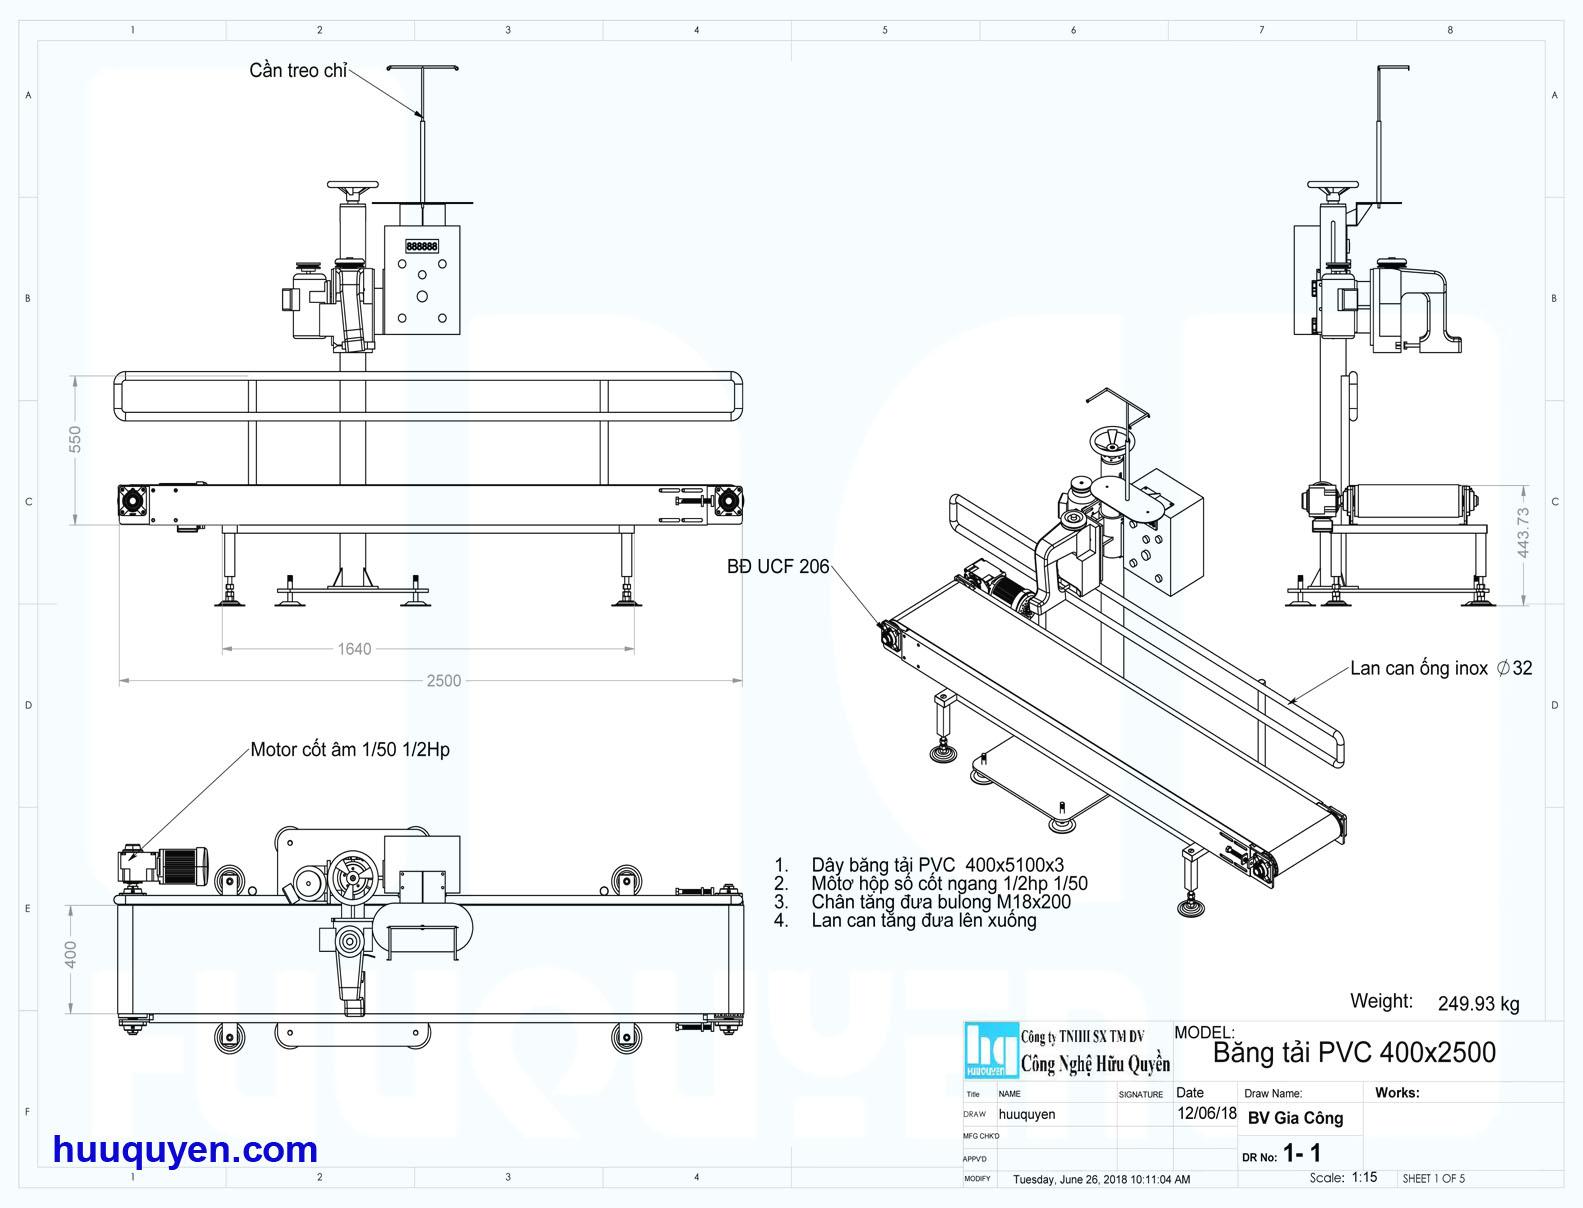 Thông số kích thước băng tải may dùng cho cân đóng bao máy đóng gói